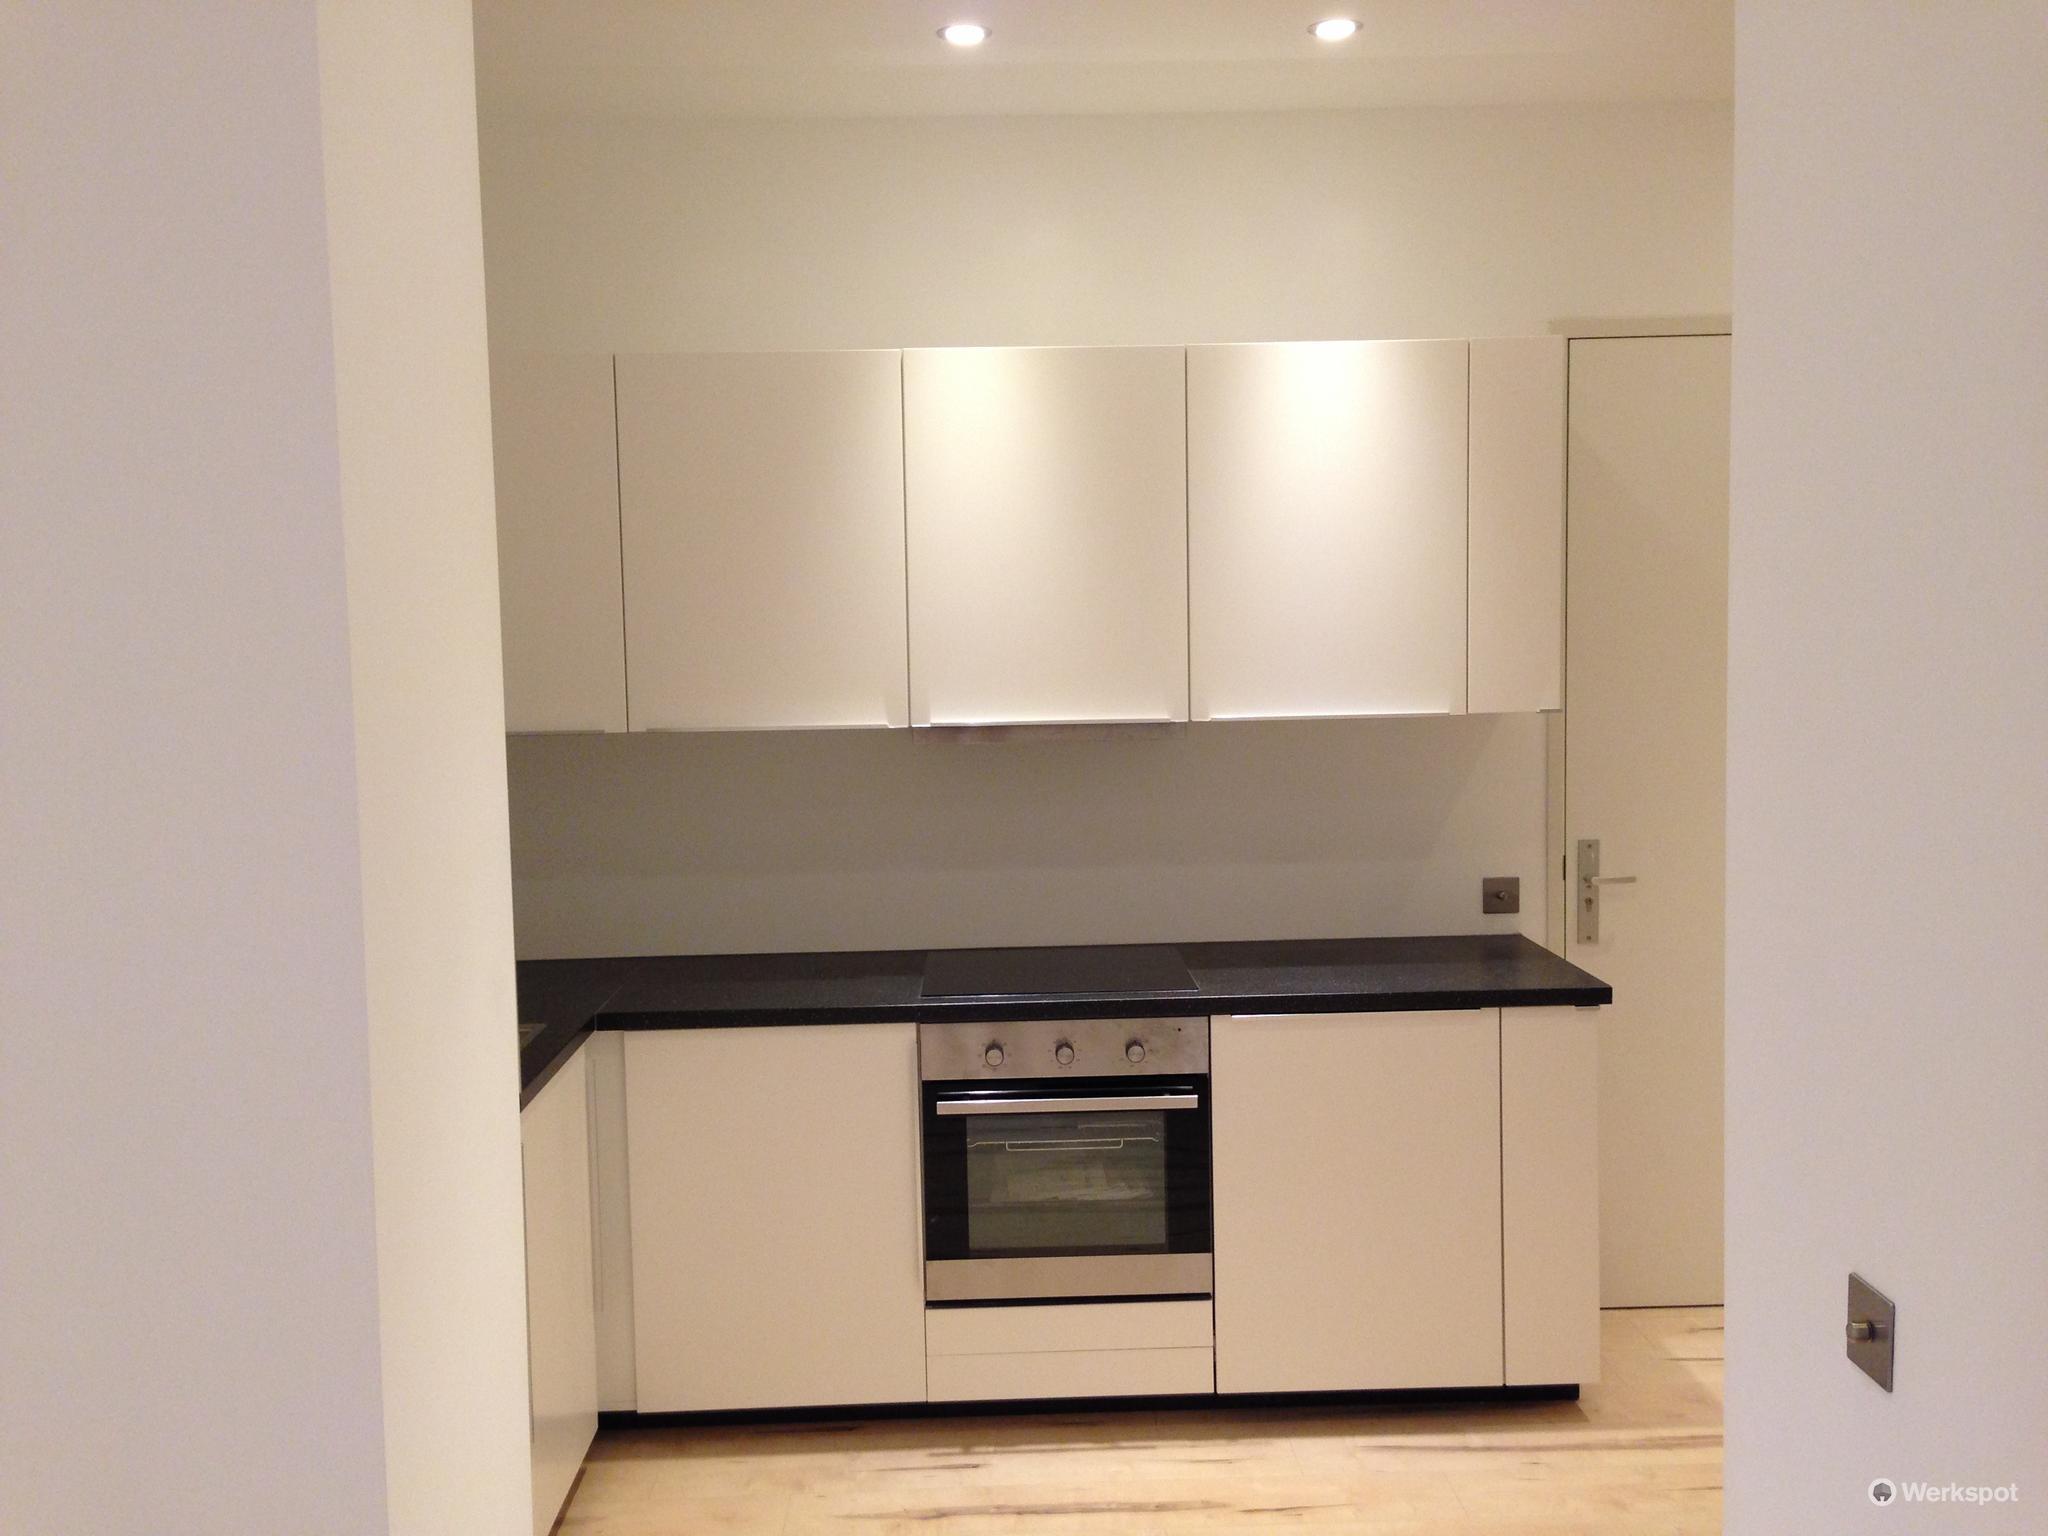 Keuken Verven Ikea : Verlaagd plafond tassenwandje vloer verven en ikea keuken